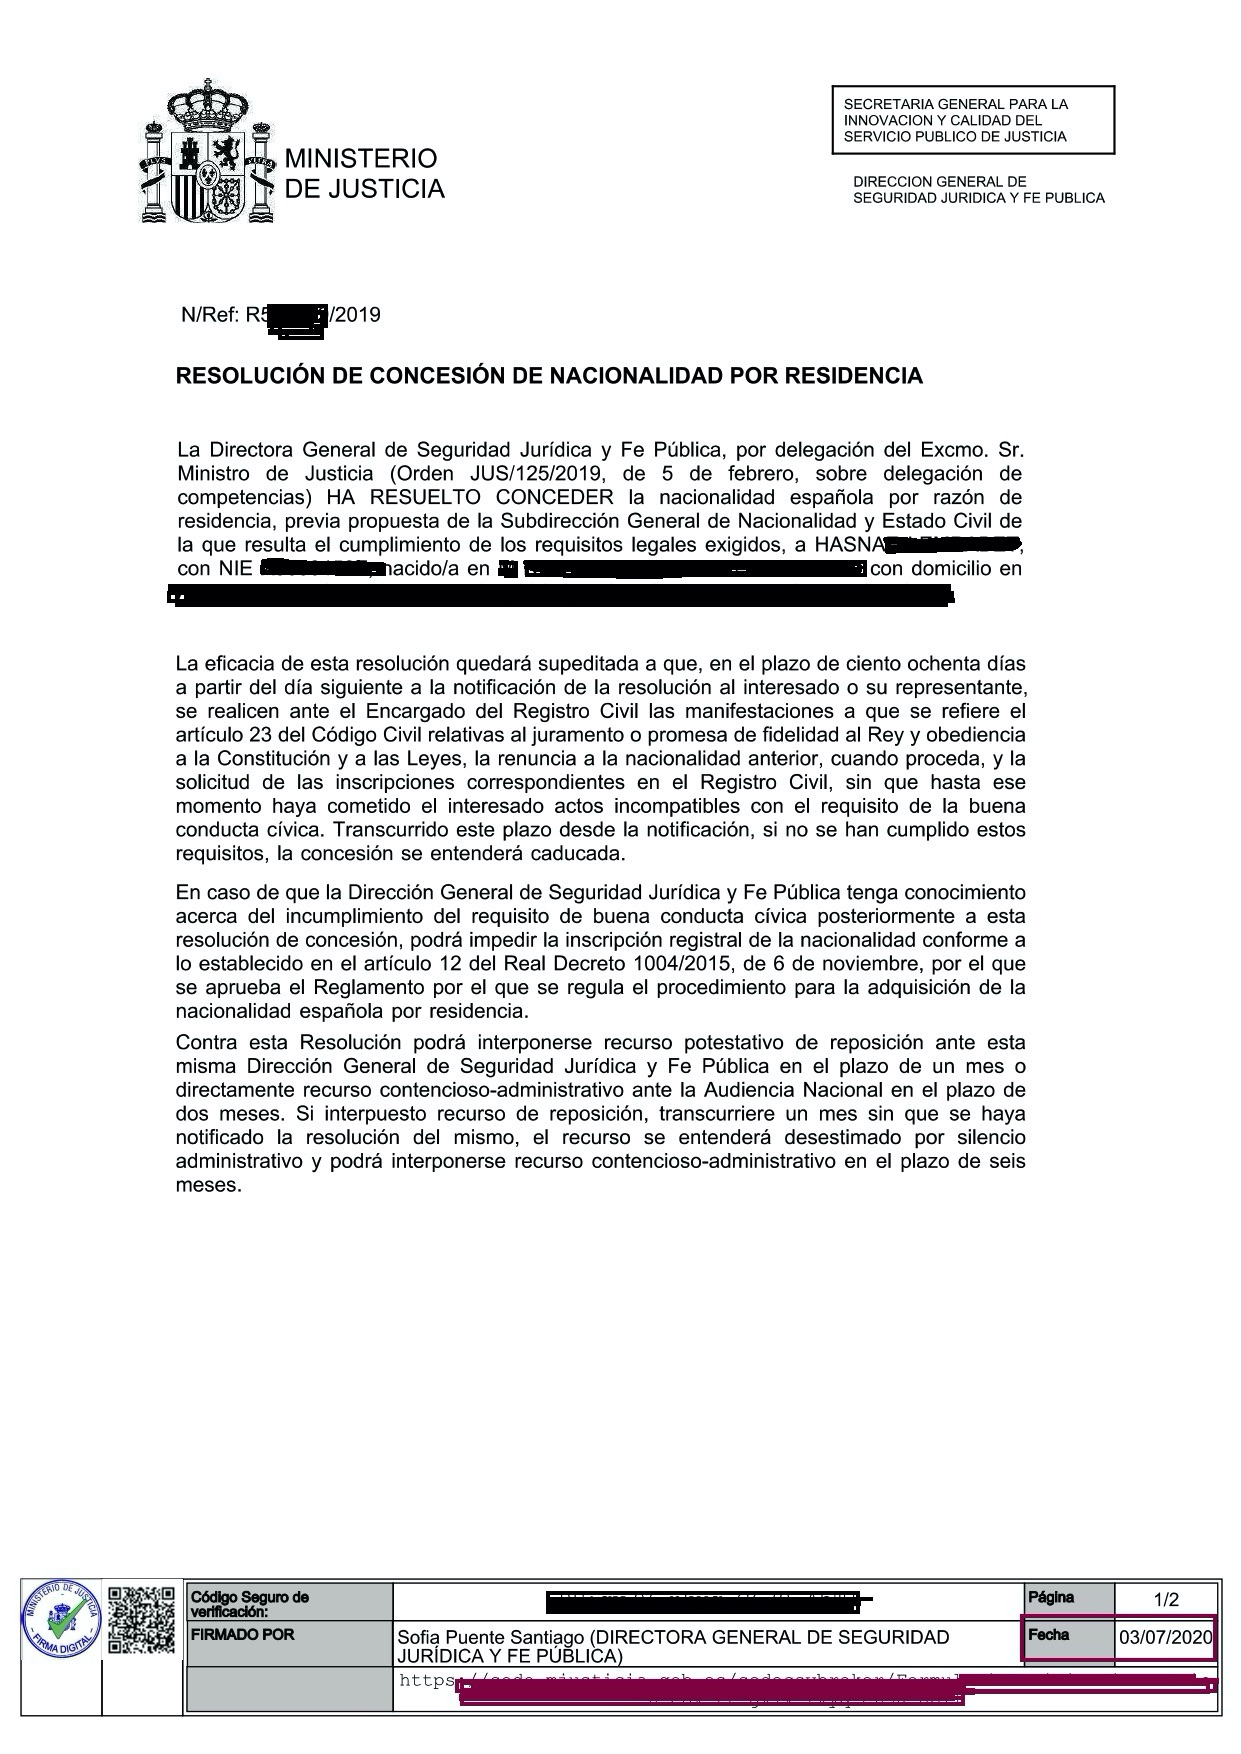 PFBERNAL ABOGADO EXTRANJERIA CONCESION NACIONALIDAD